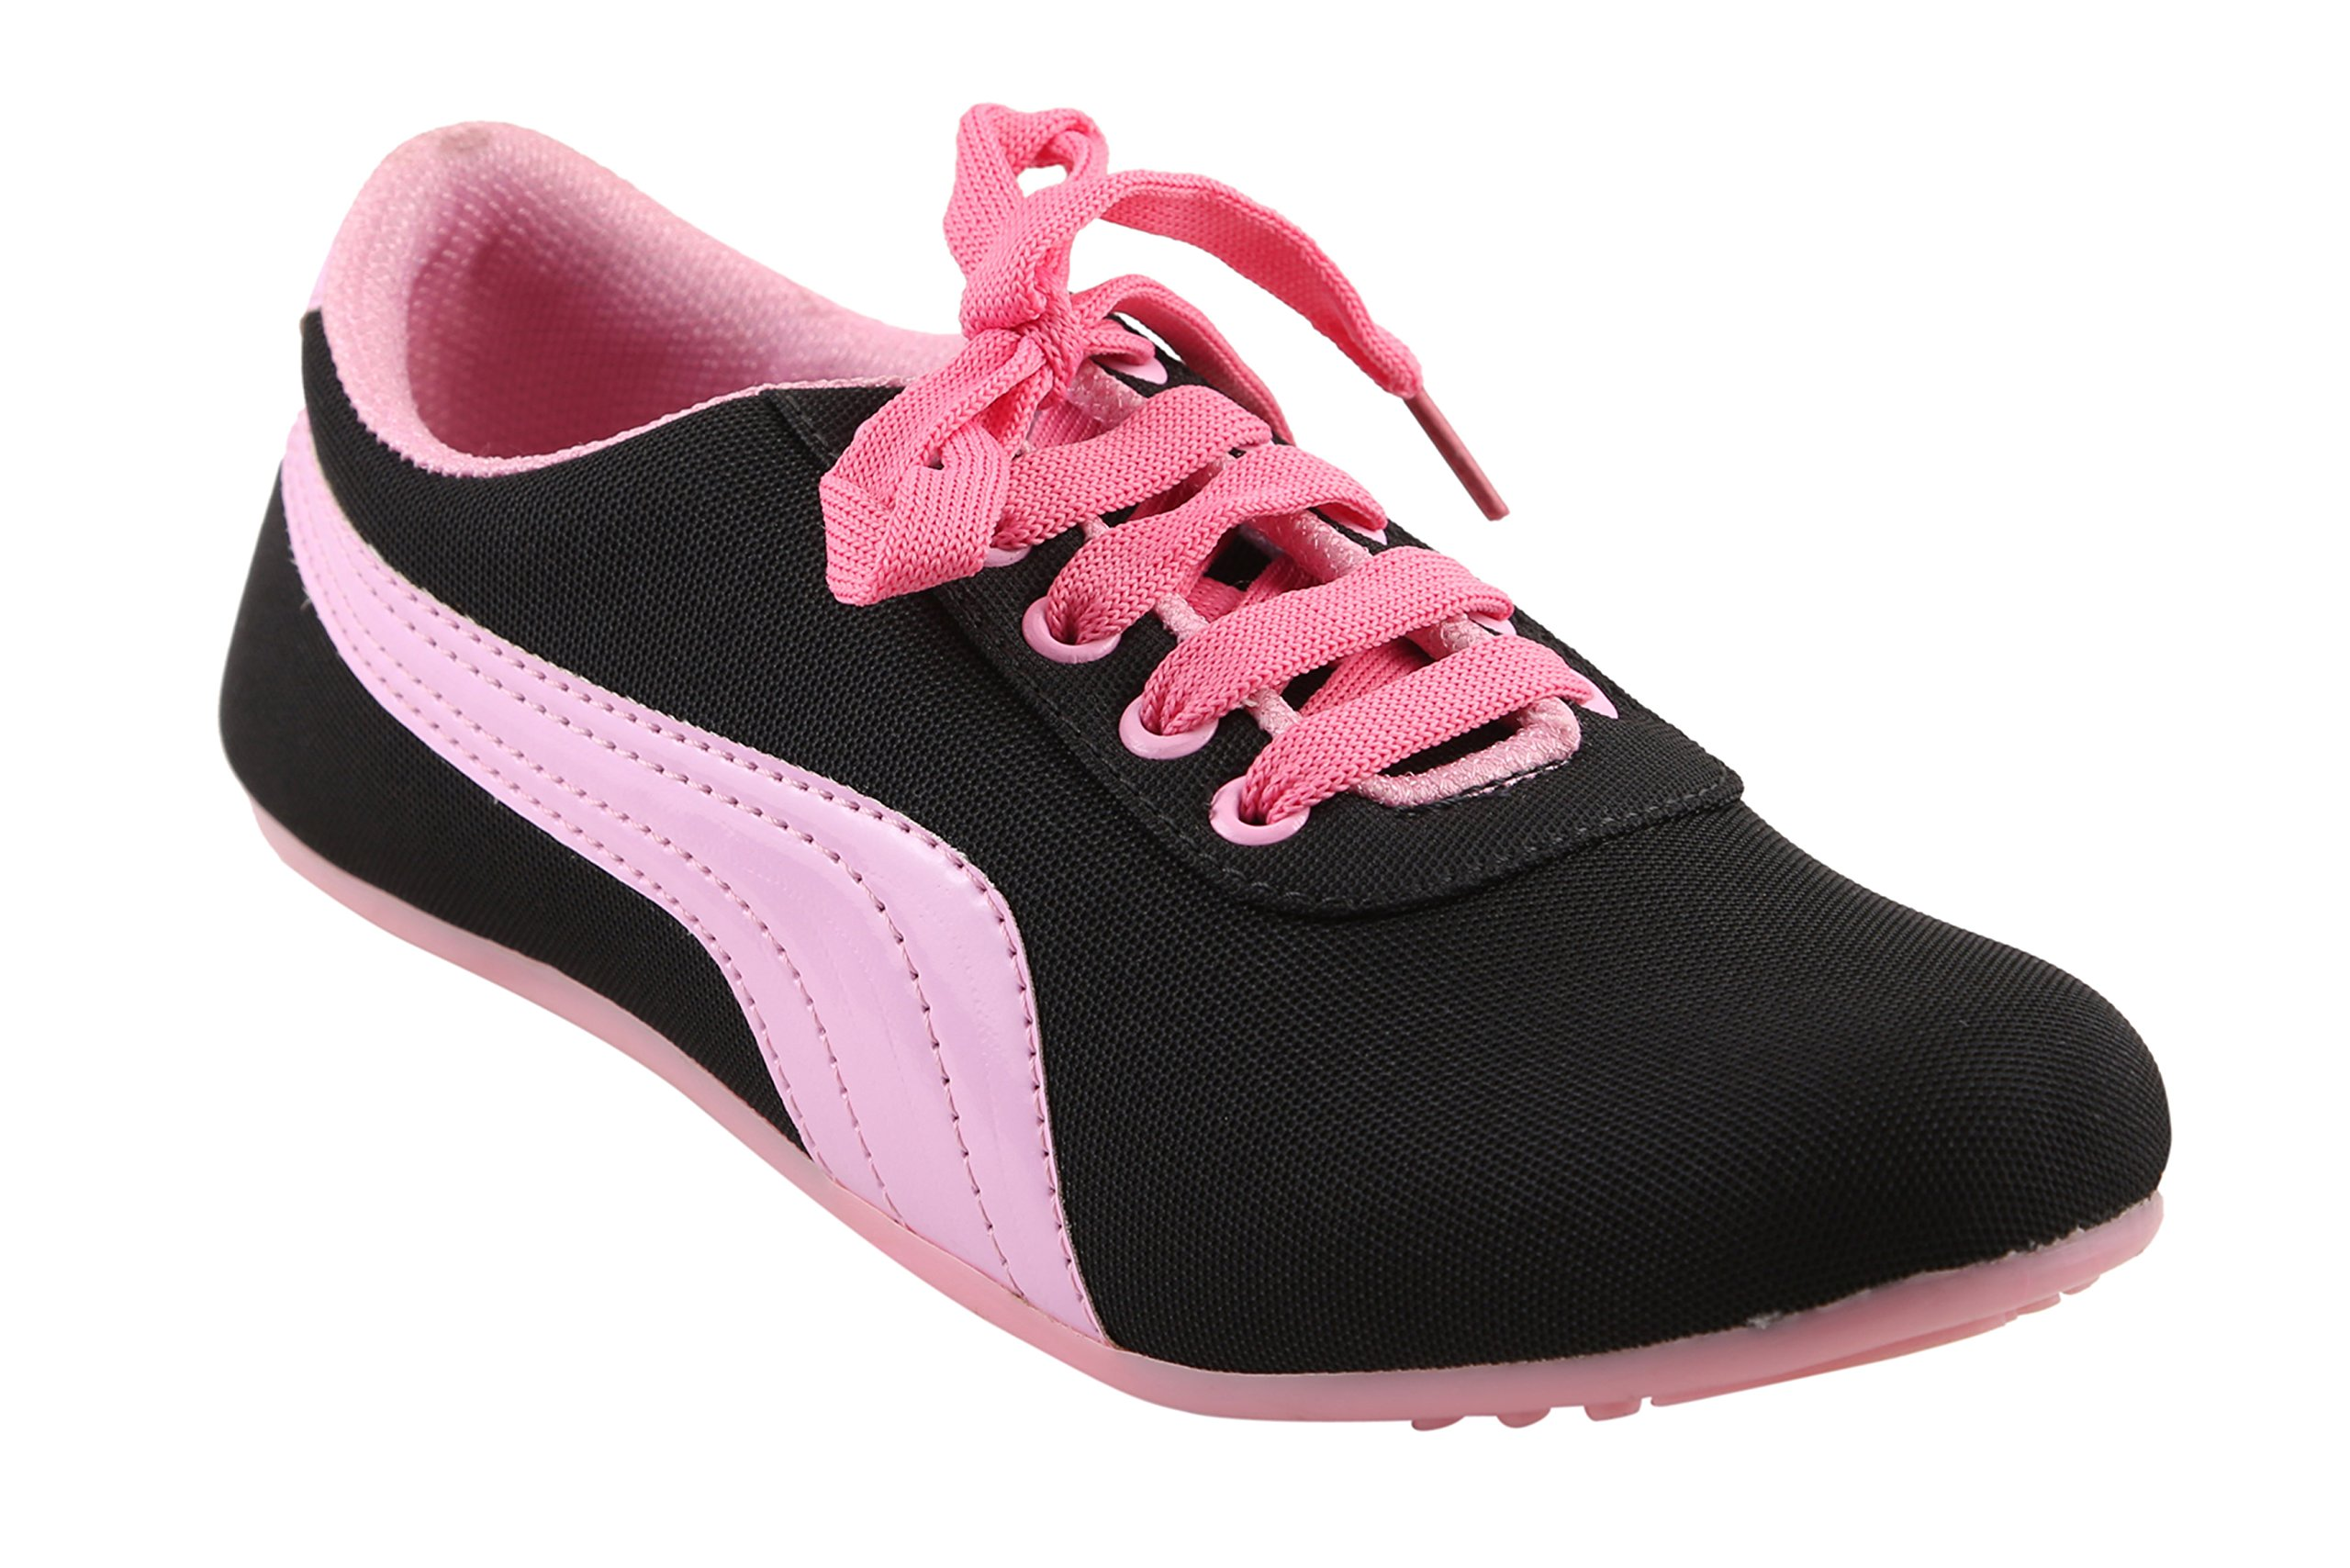 Affron Women's Casual Lifestyle Fashion Canvas Shoes